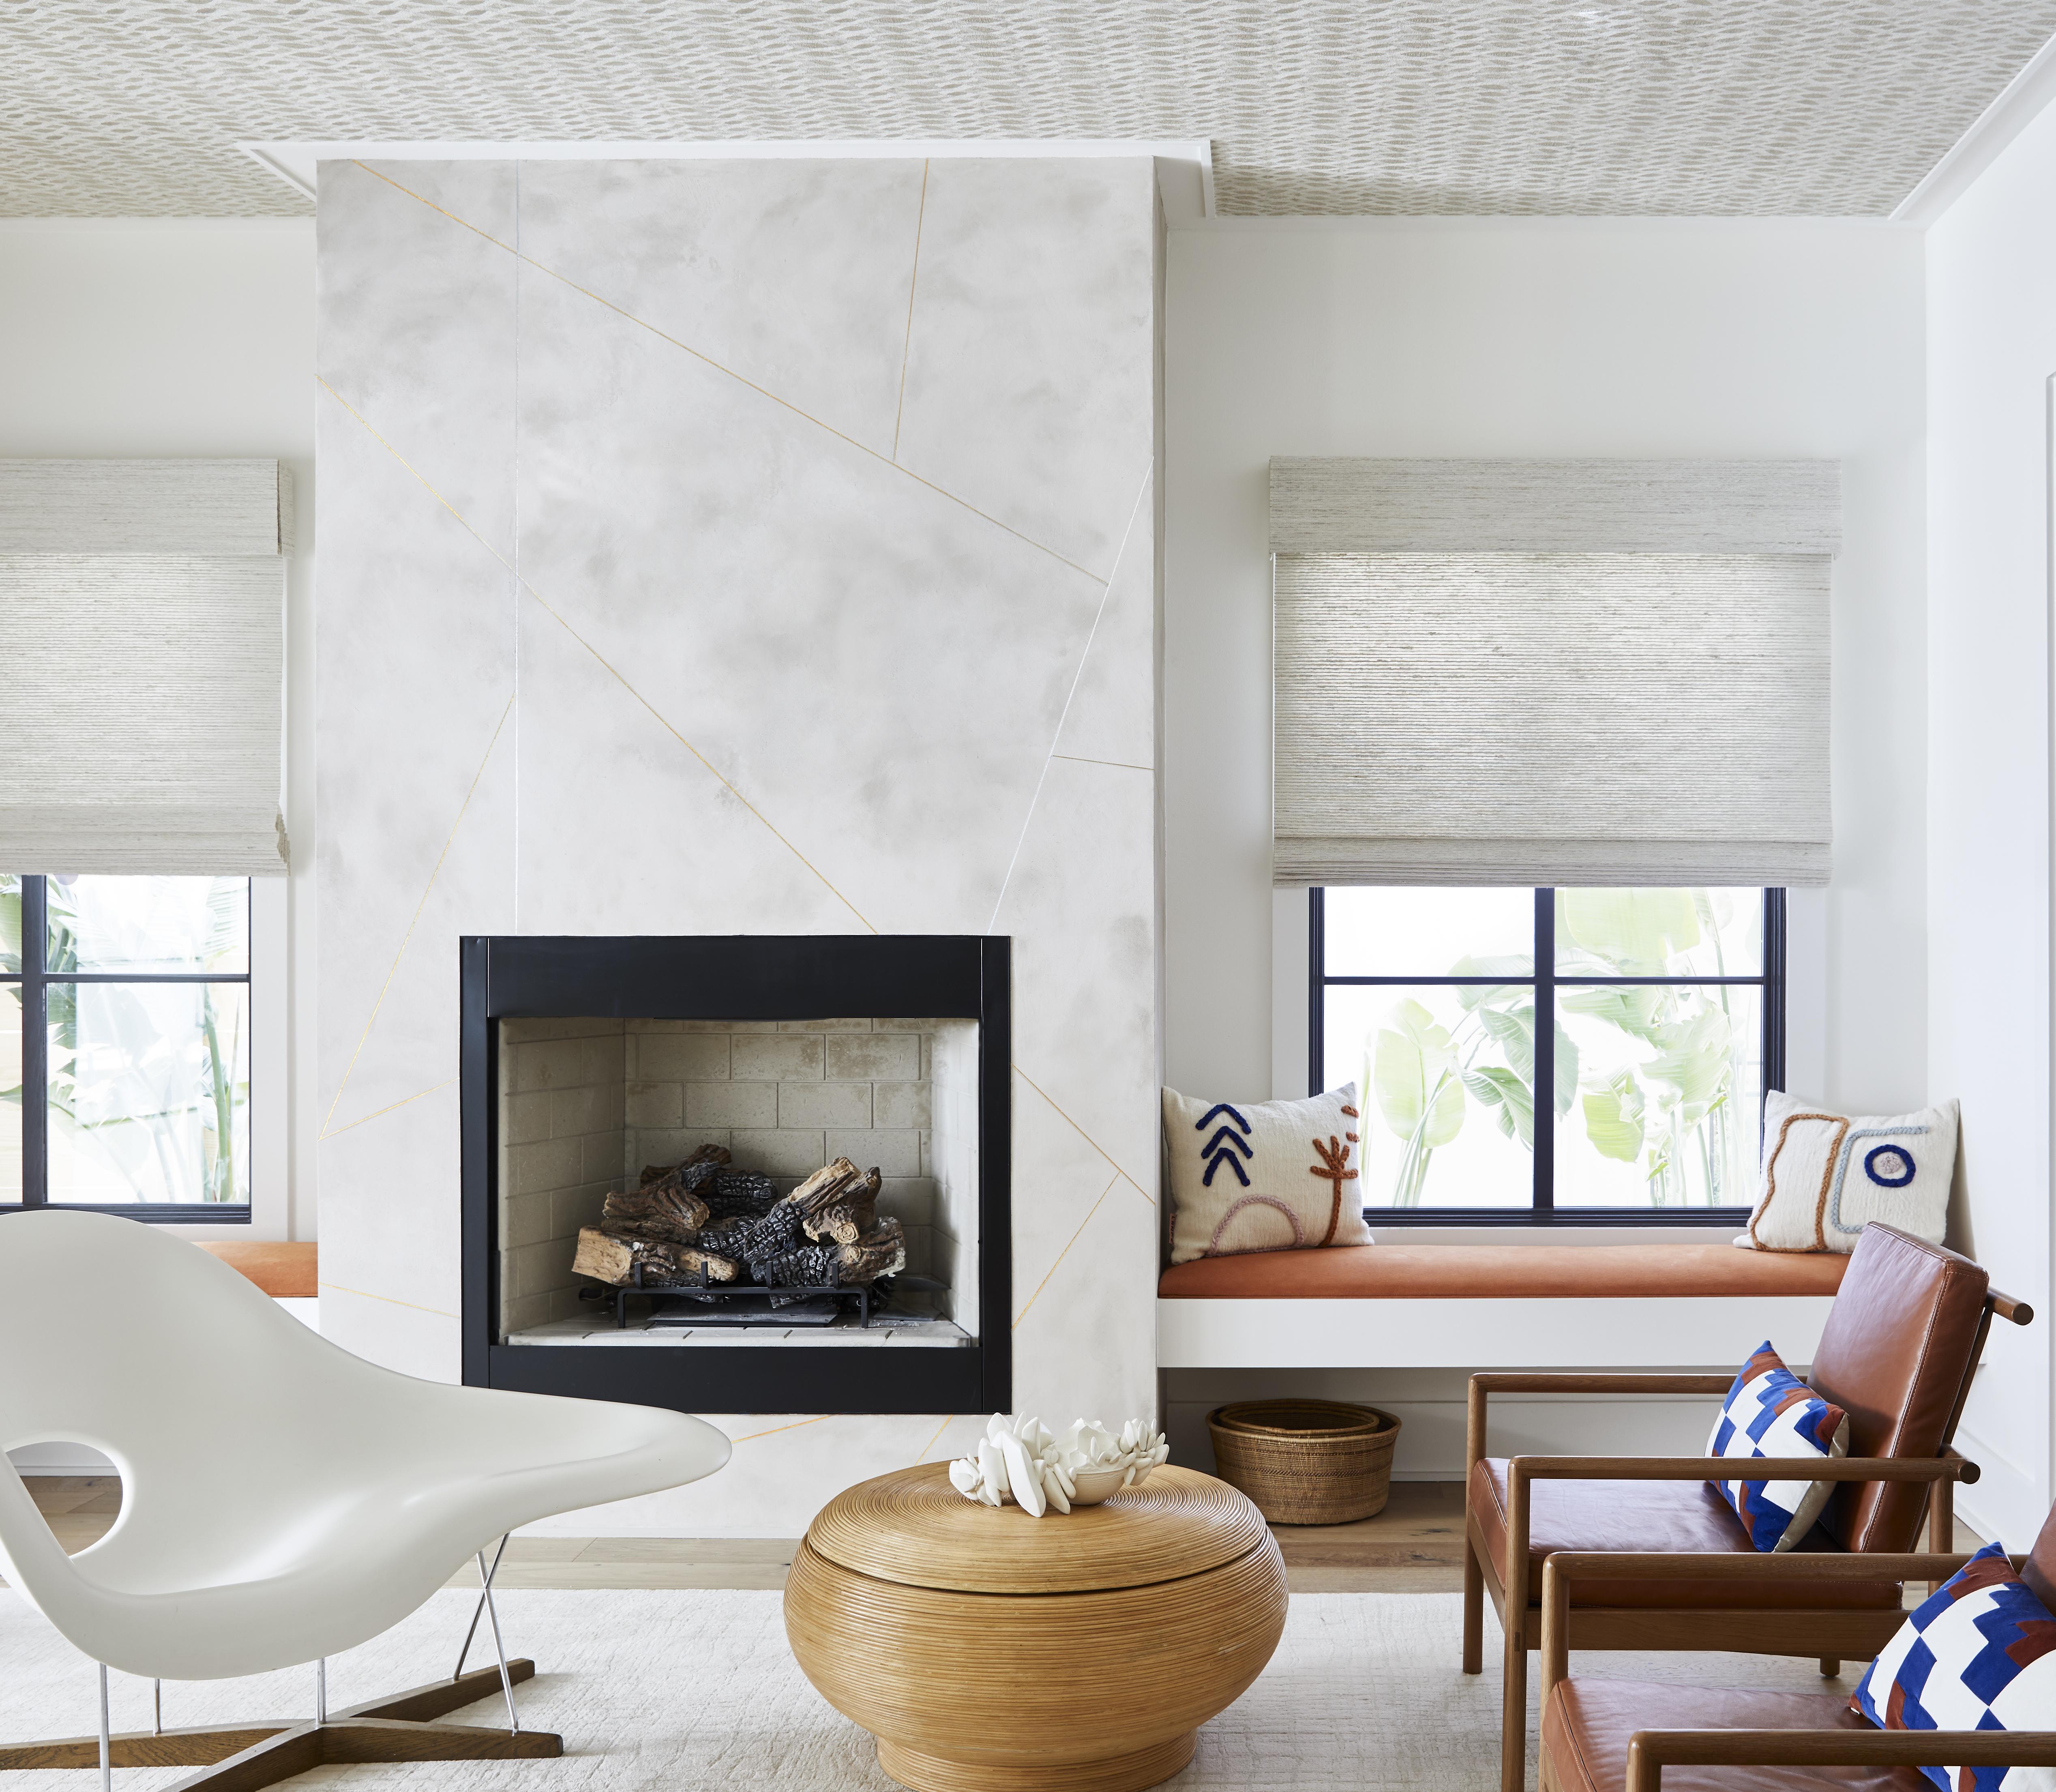 Family Room, Storyteller, Home Design - Valerie Legras Atelier